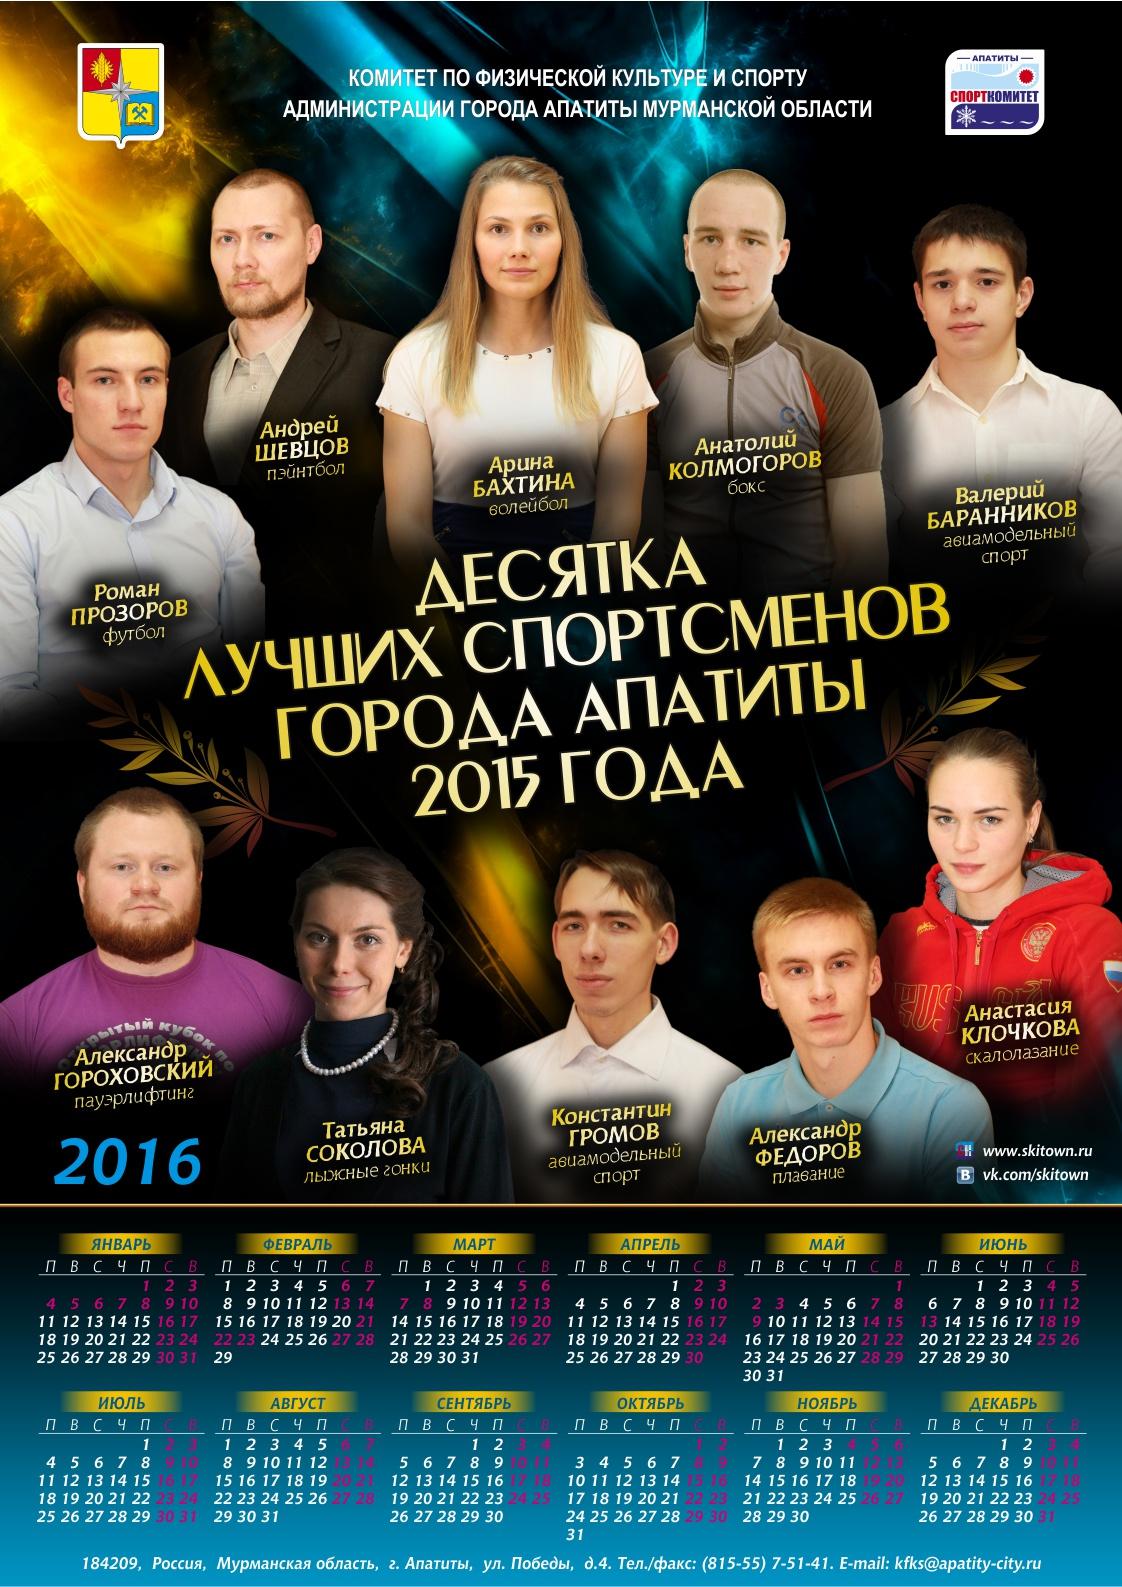 2015 год